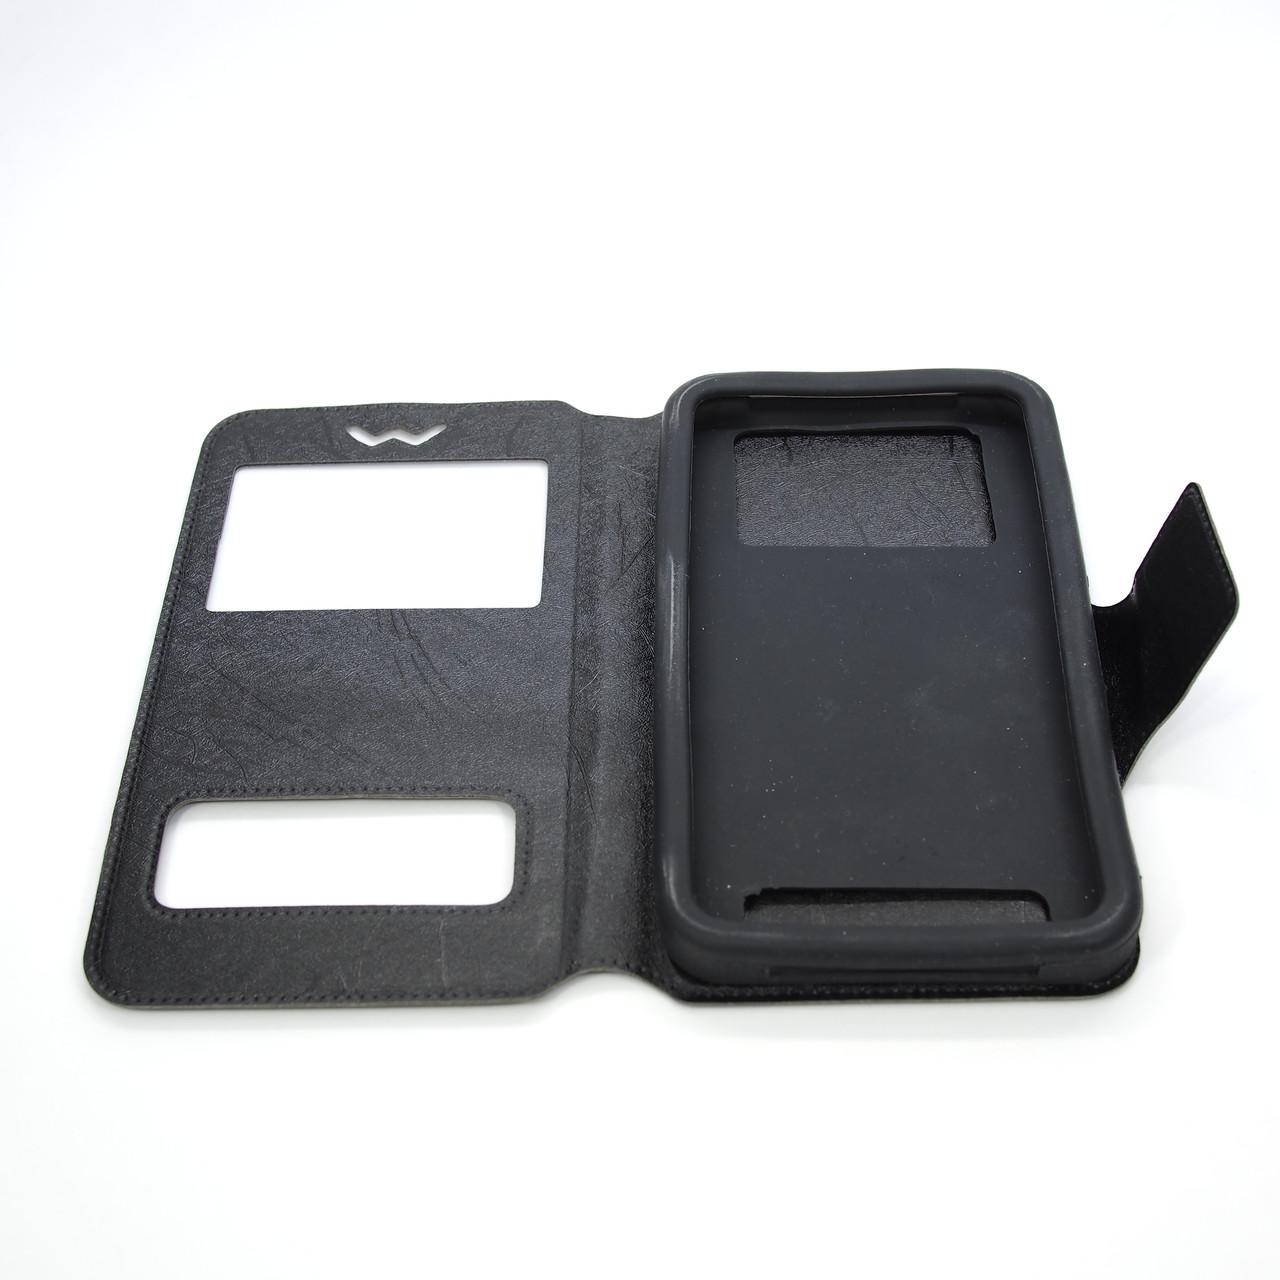 Чехлы для других смартфонов Universal Book Window 5.2-5.5 black Для телефона